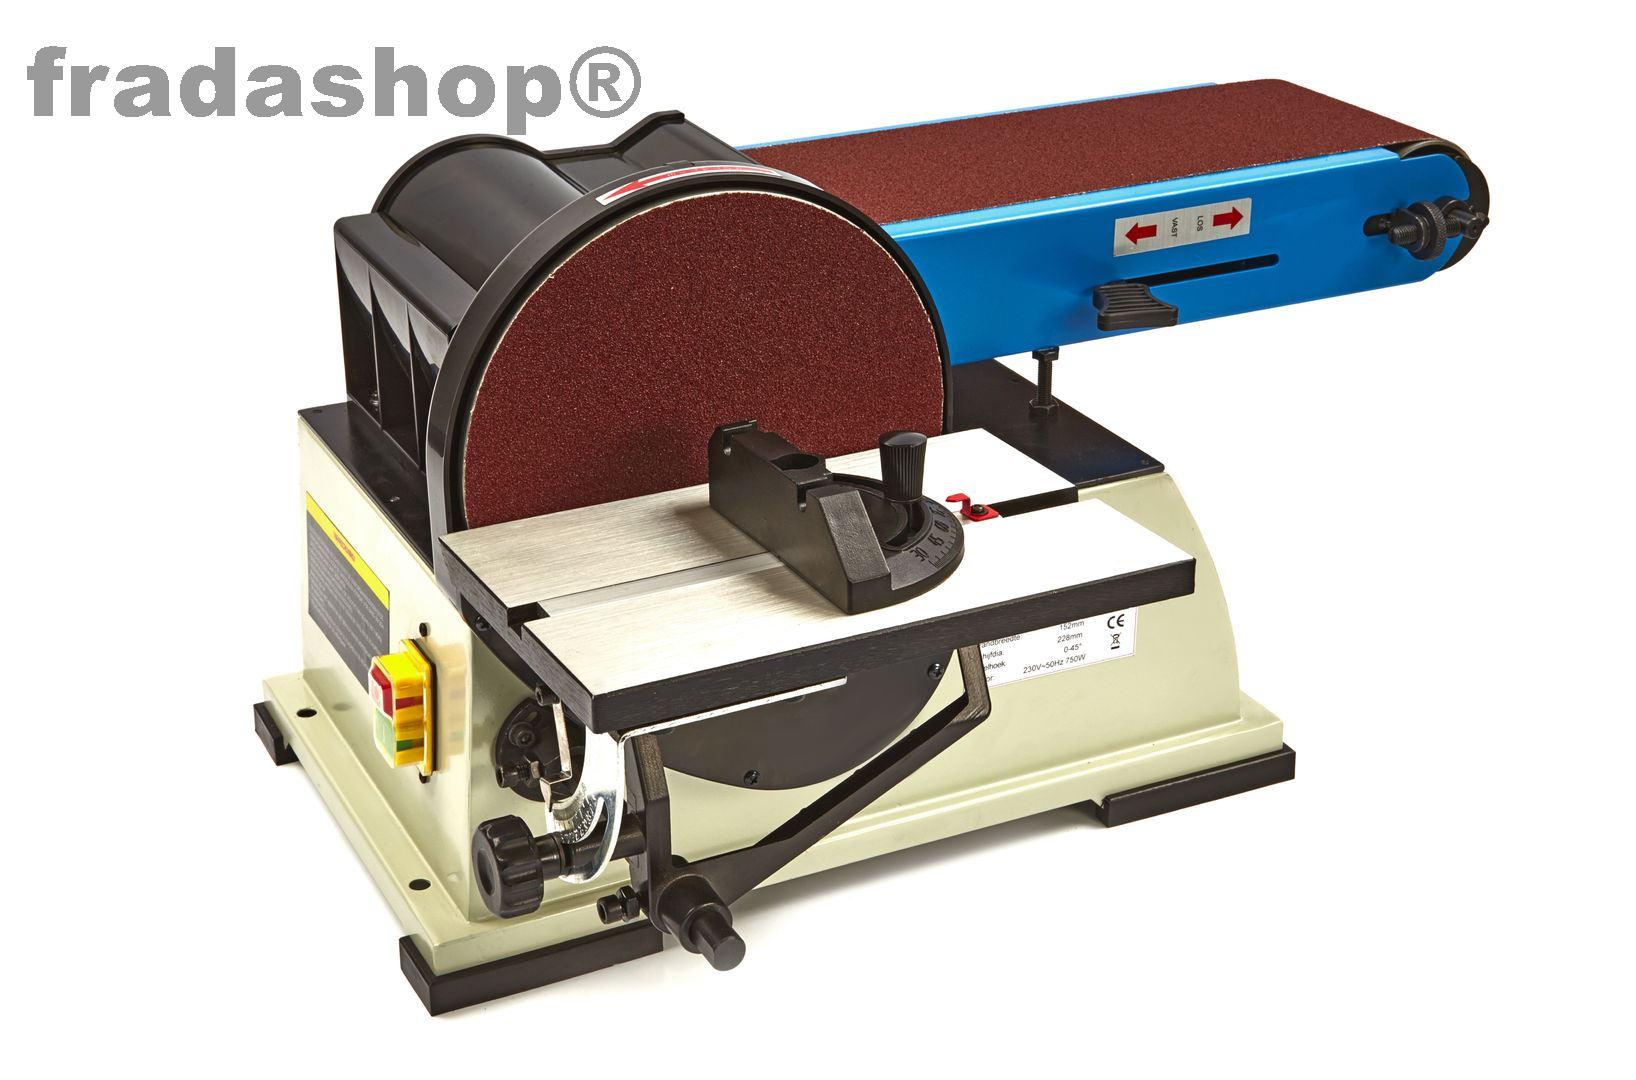 band und tellerschleifer 150x1220mm bandschleifer schleifen fradashop. Black Bedroom Furniture Sets. Home Design Ideas